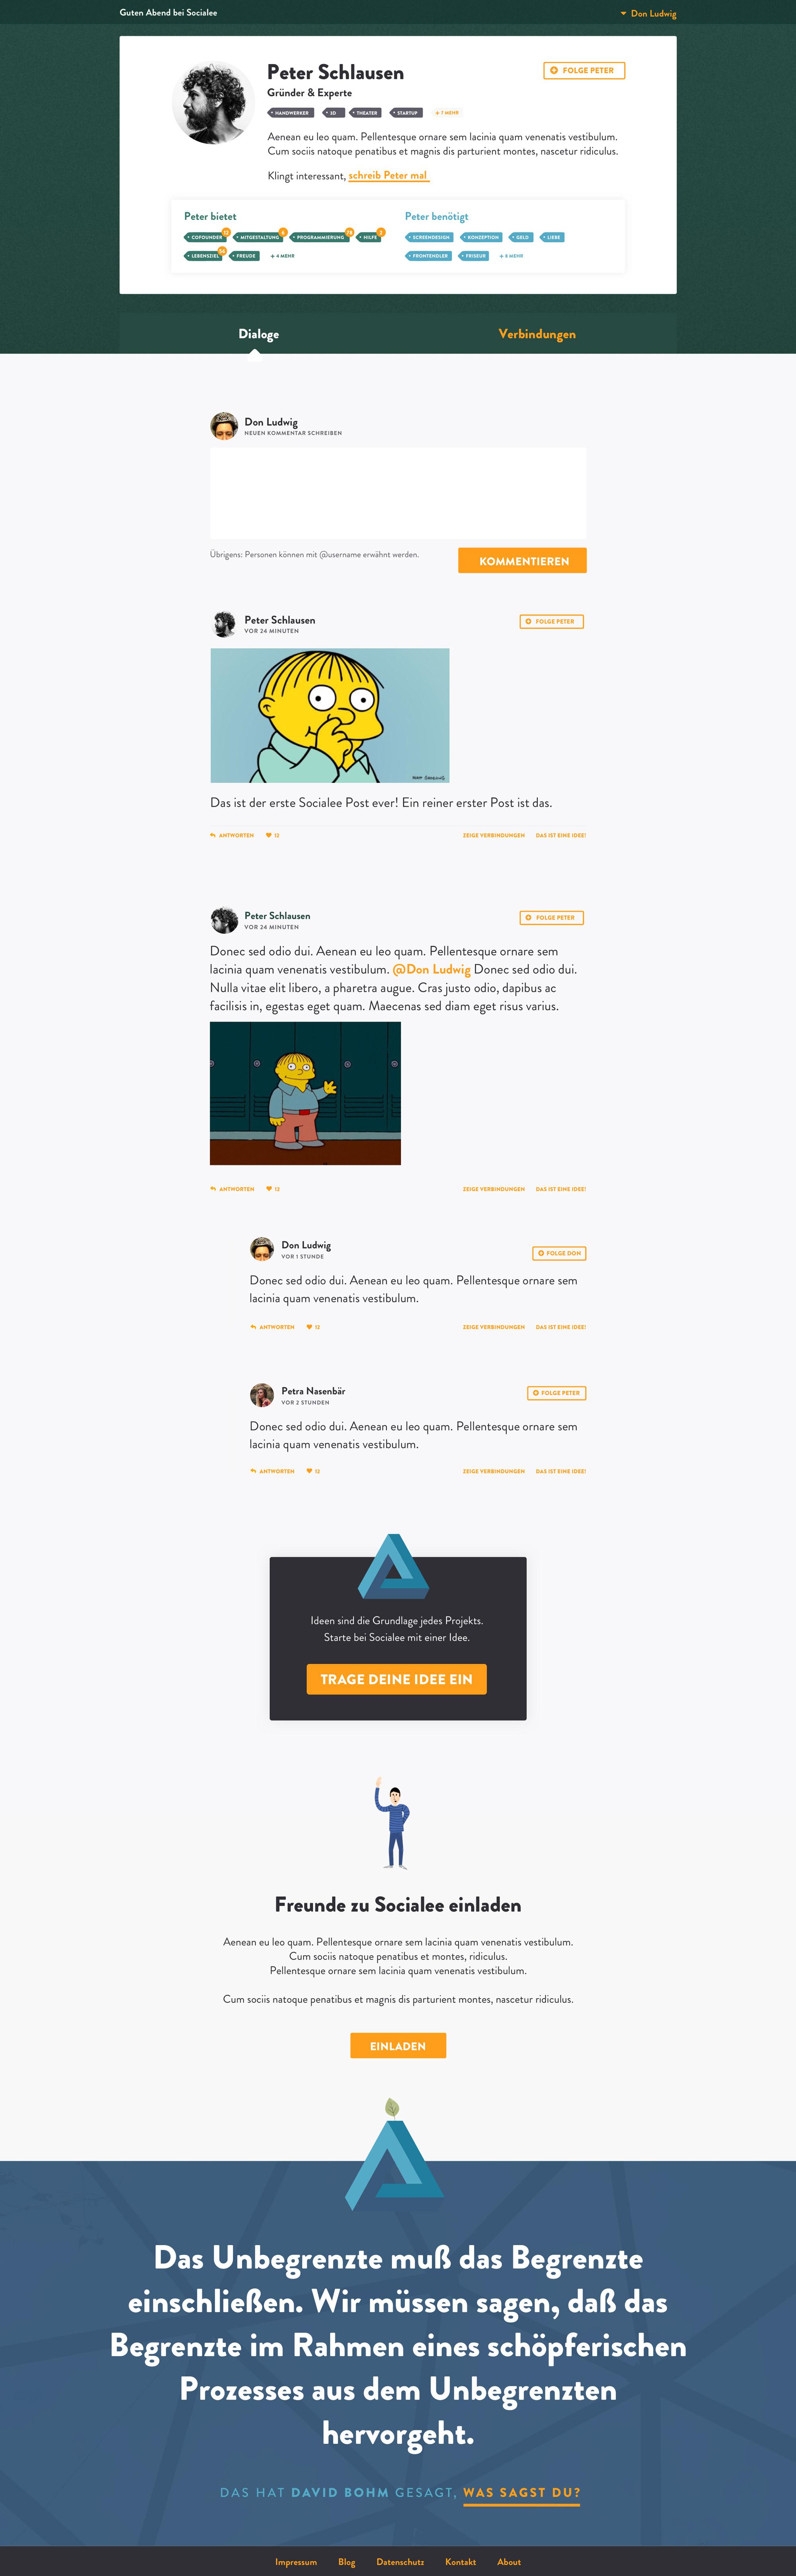 Socialee_User_Profile_Dialogue